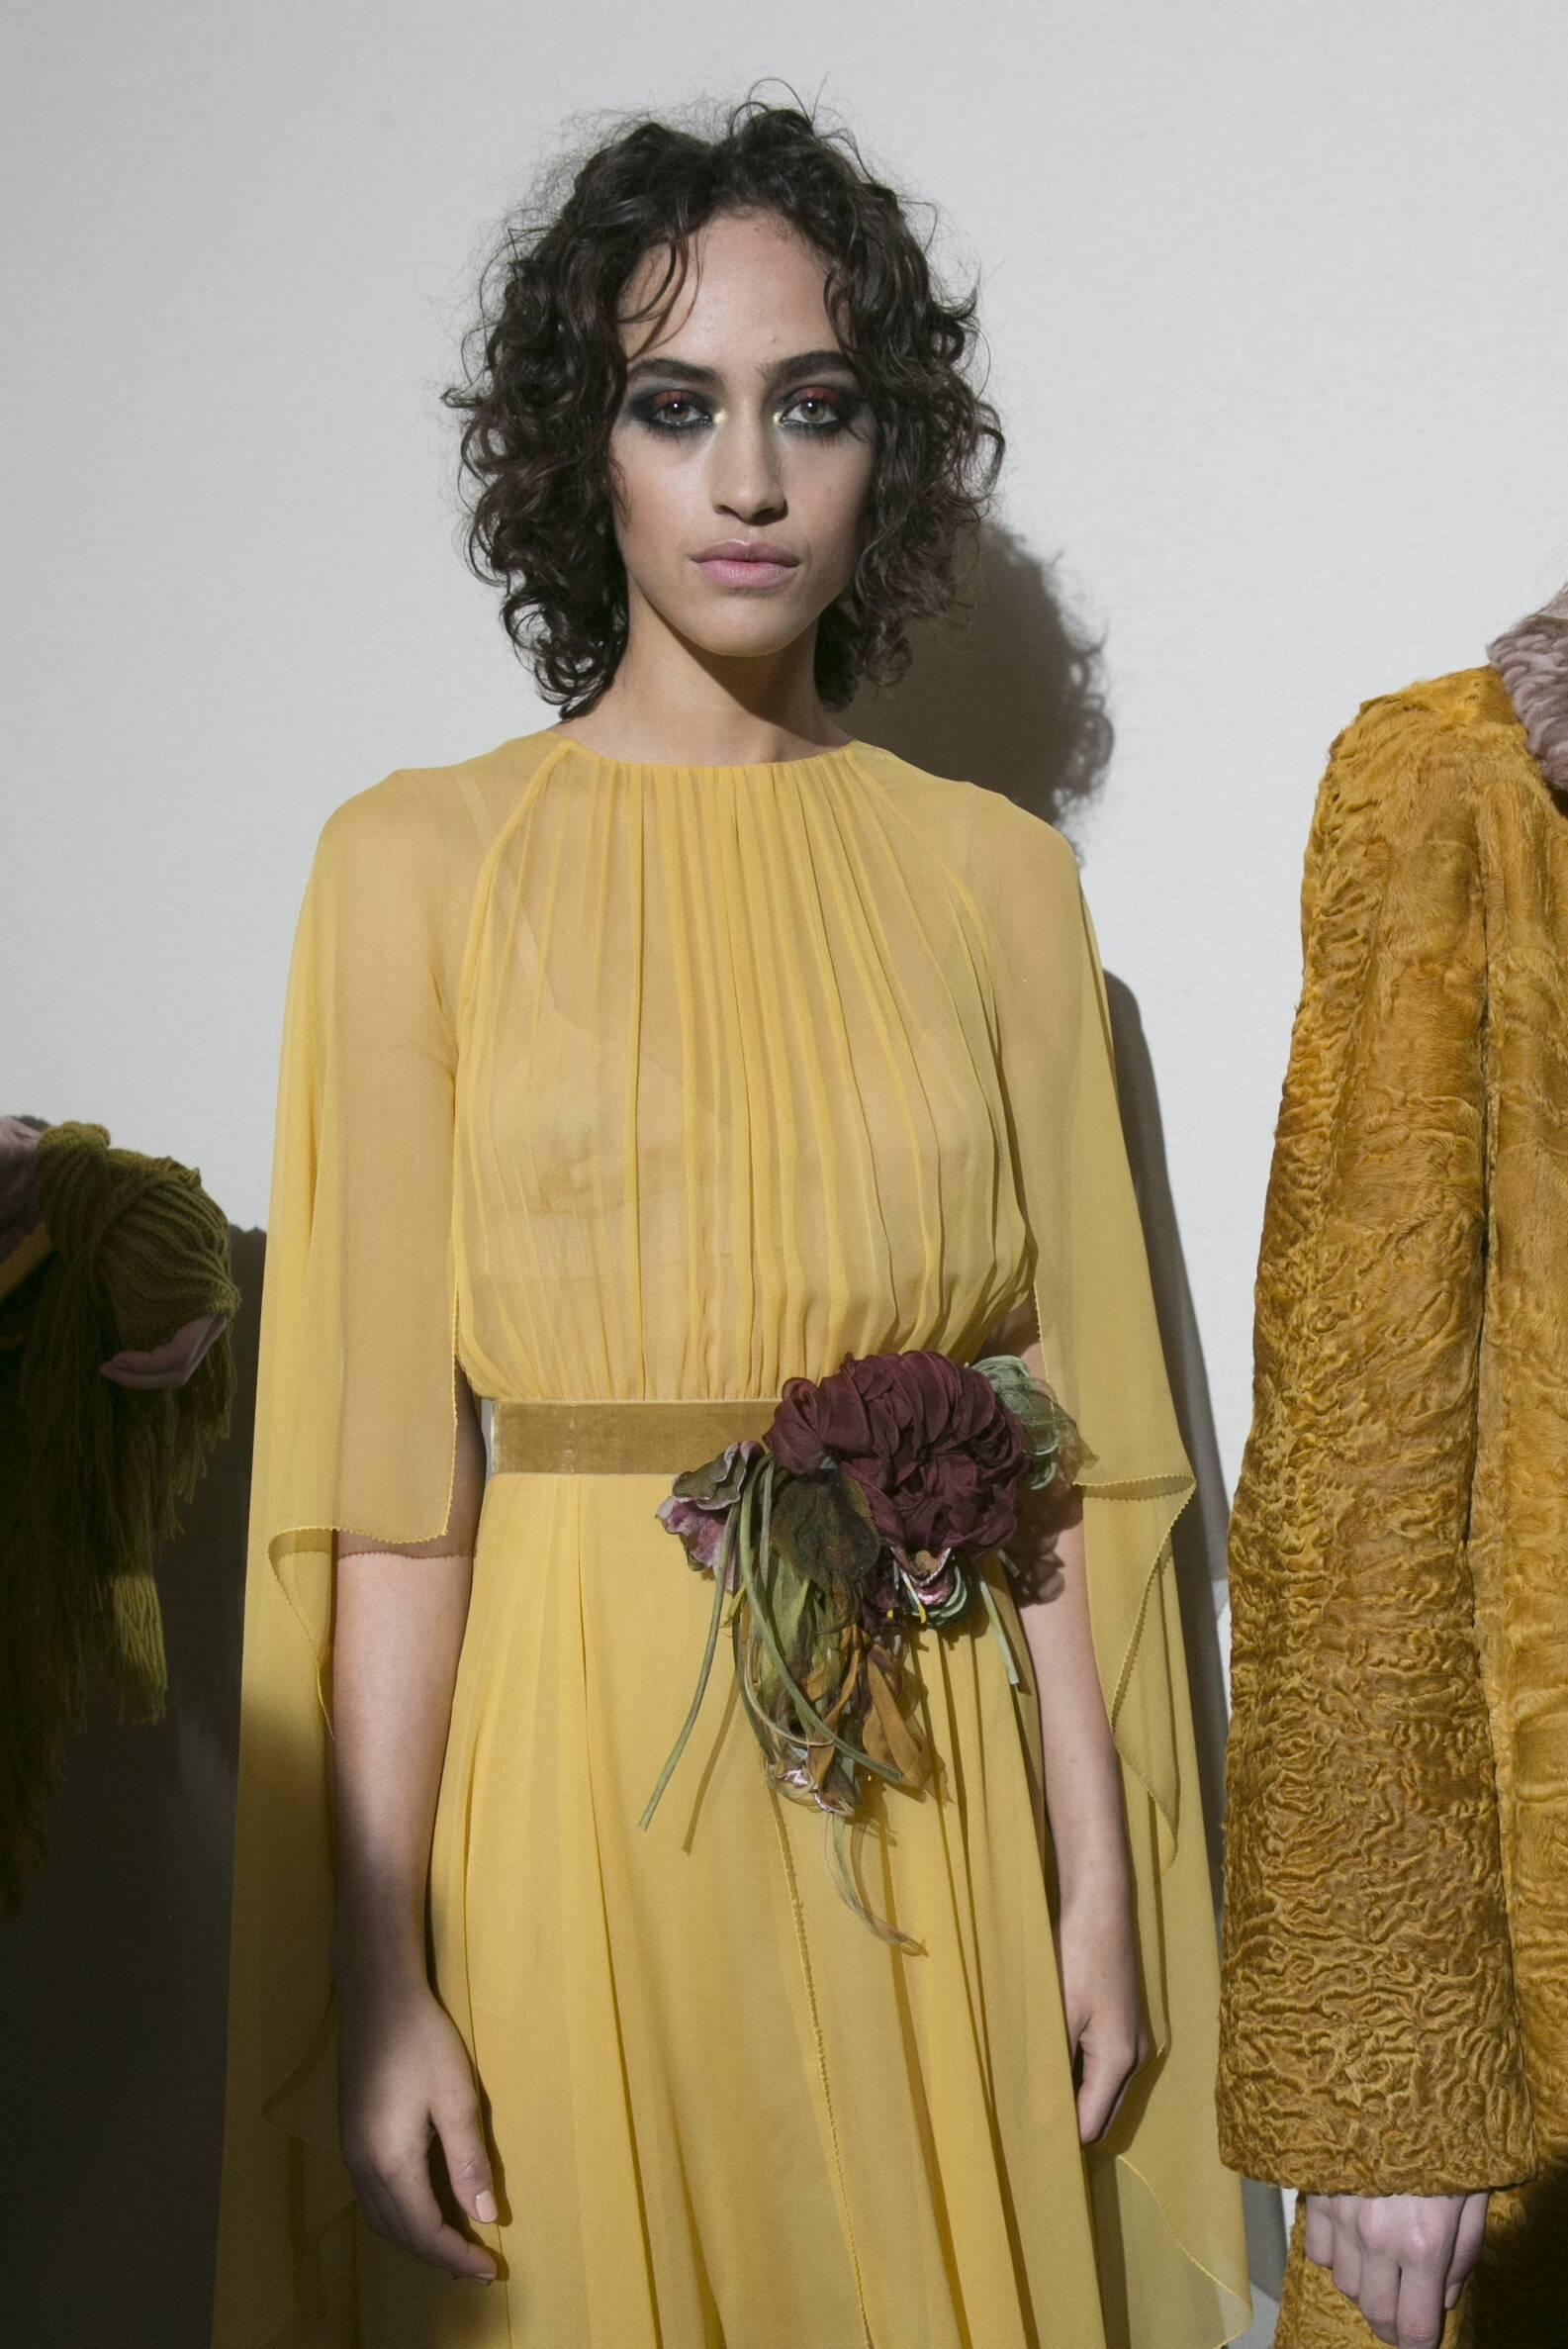 Model Backstage Alberta Ferretti Portrait Fashion Show 2017